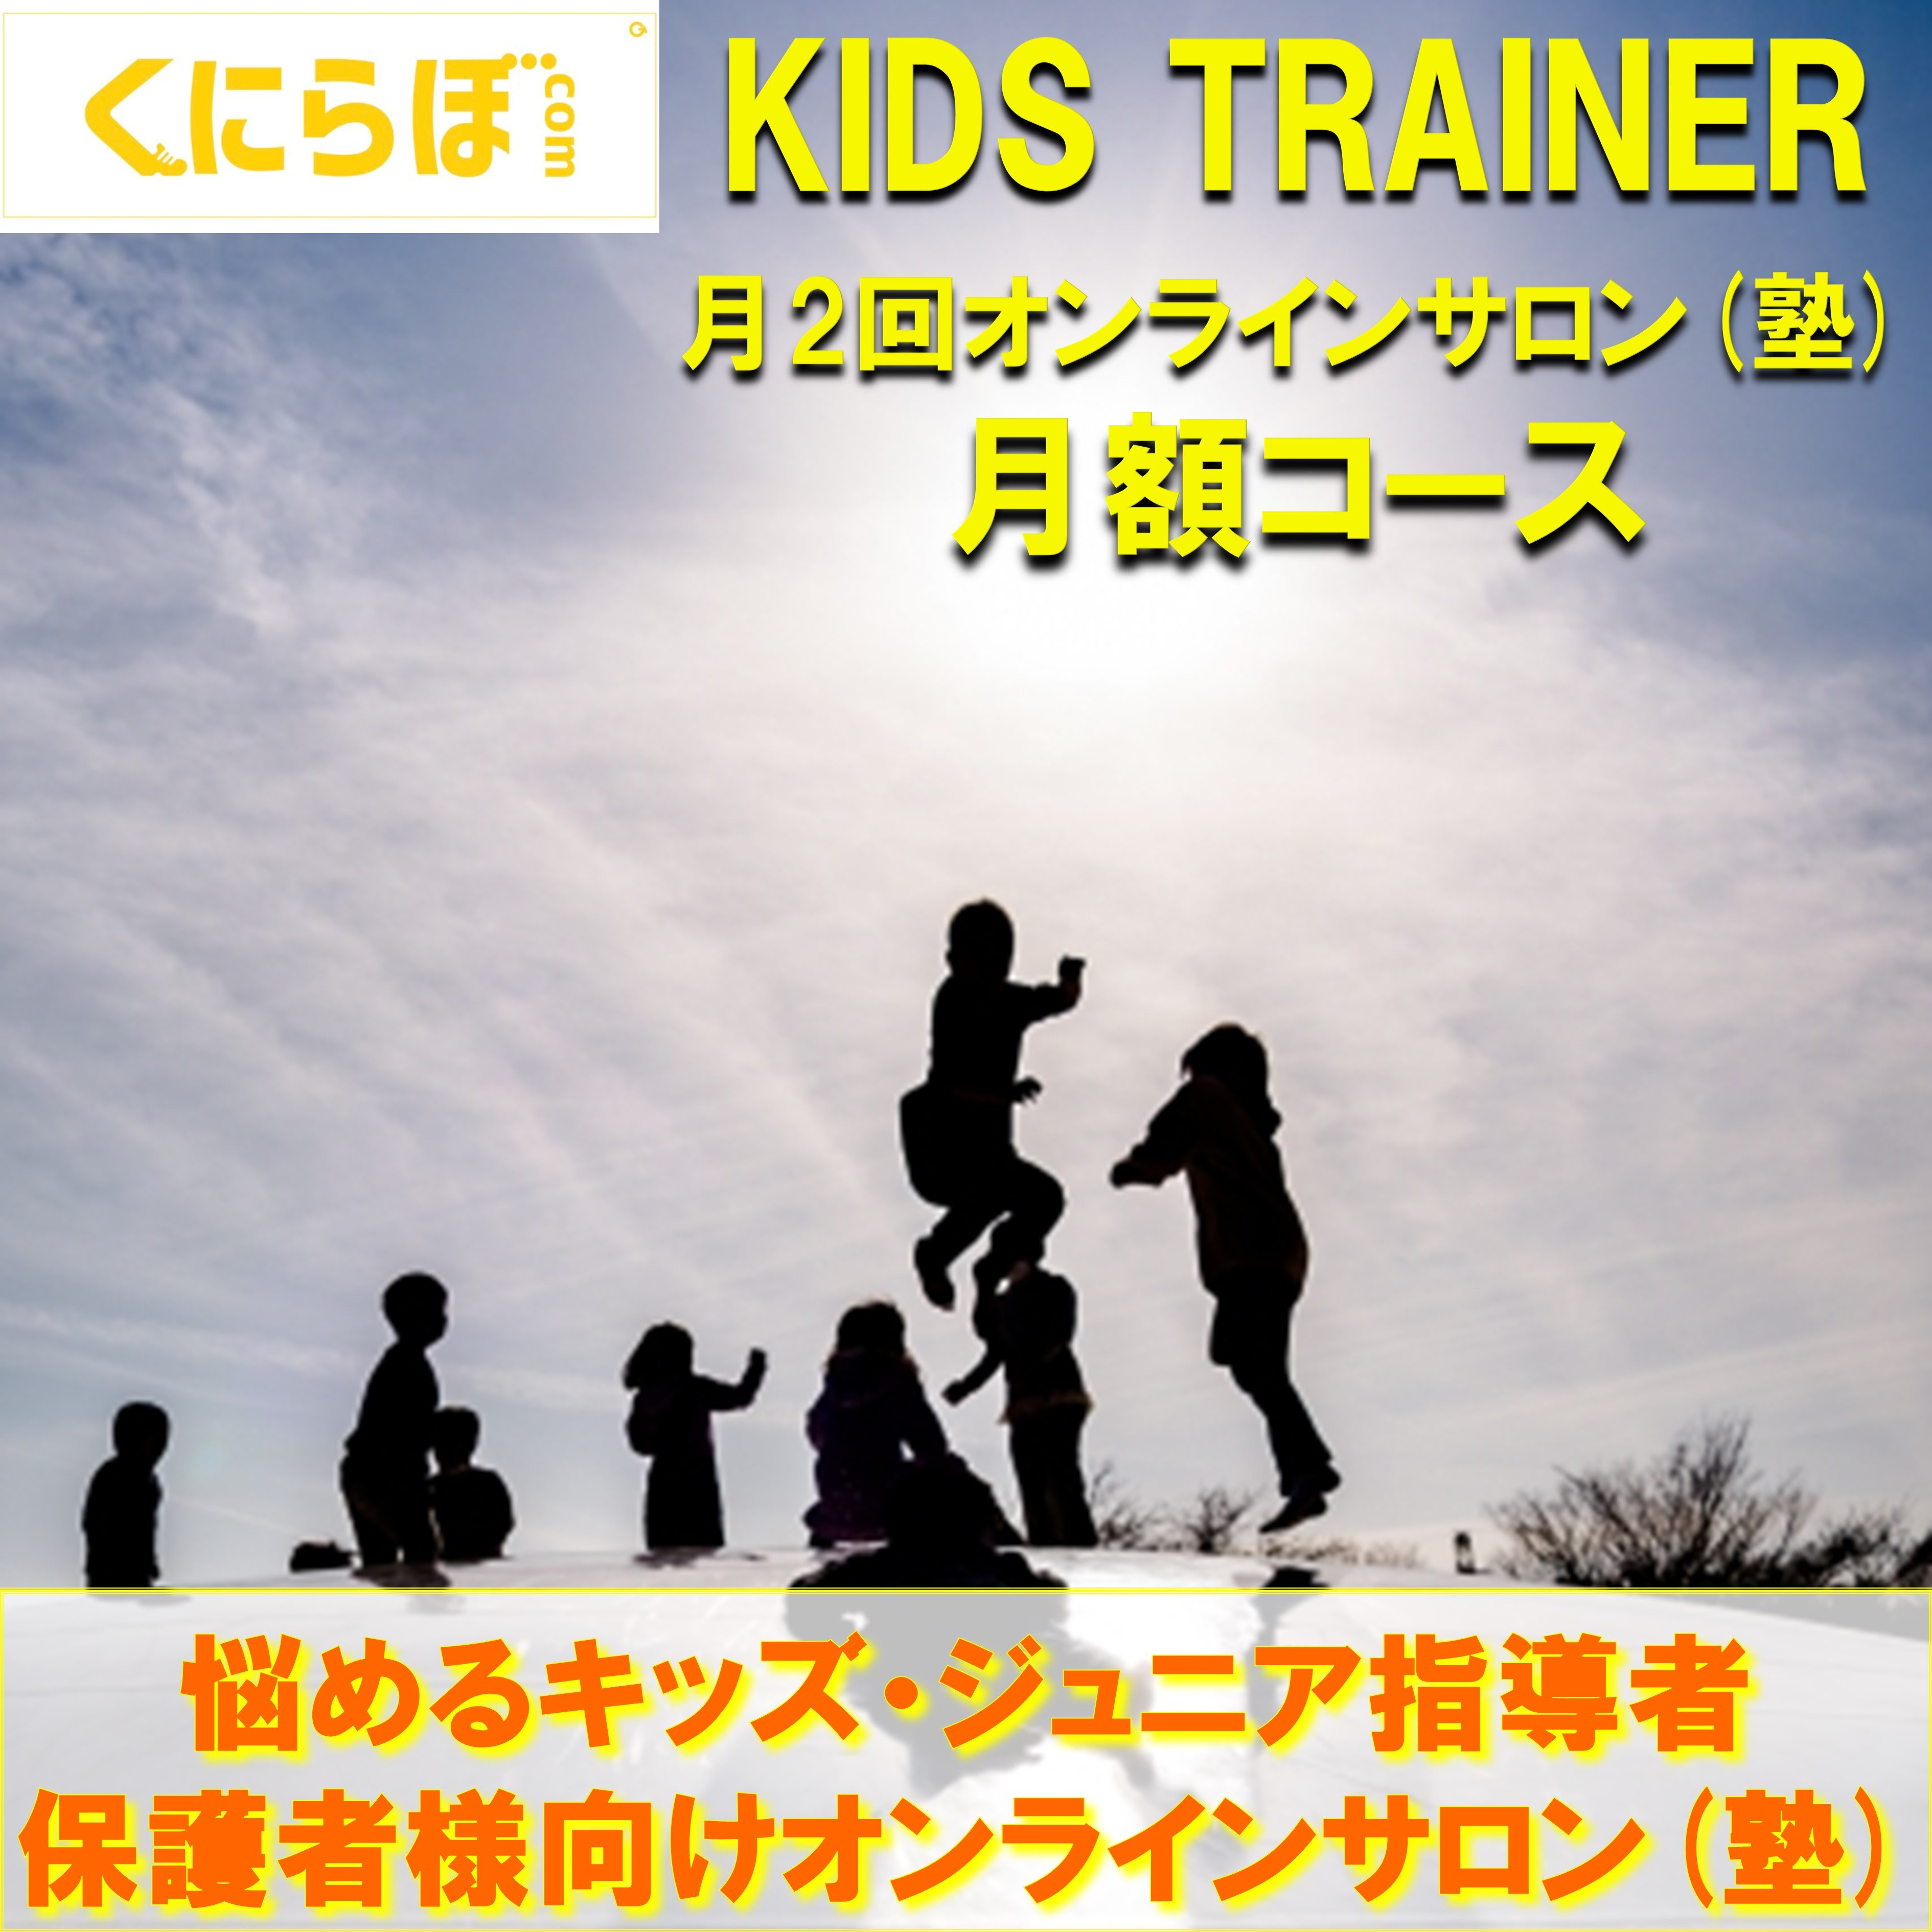 悩めるキッズ・ジュニア指導者・保護者様向けオンライン塾【くにらぼKids Trainer育成】のイメージその1